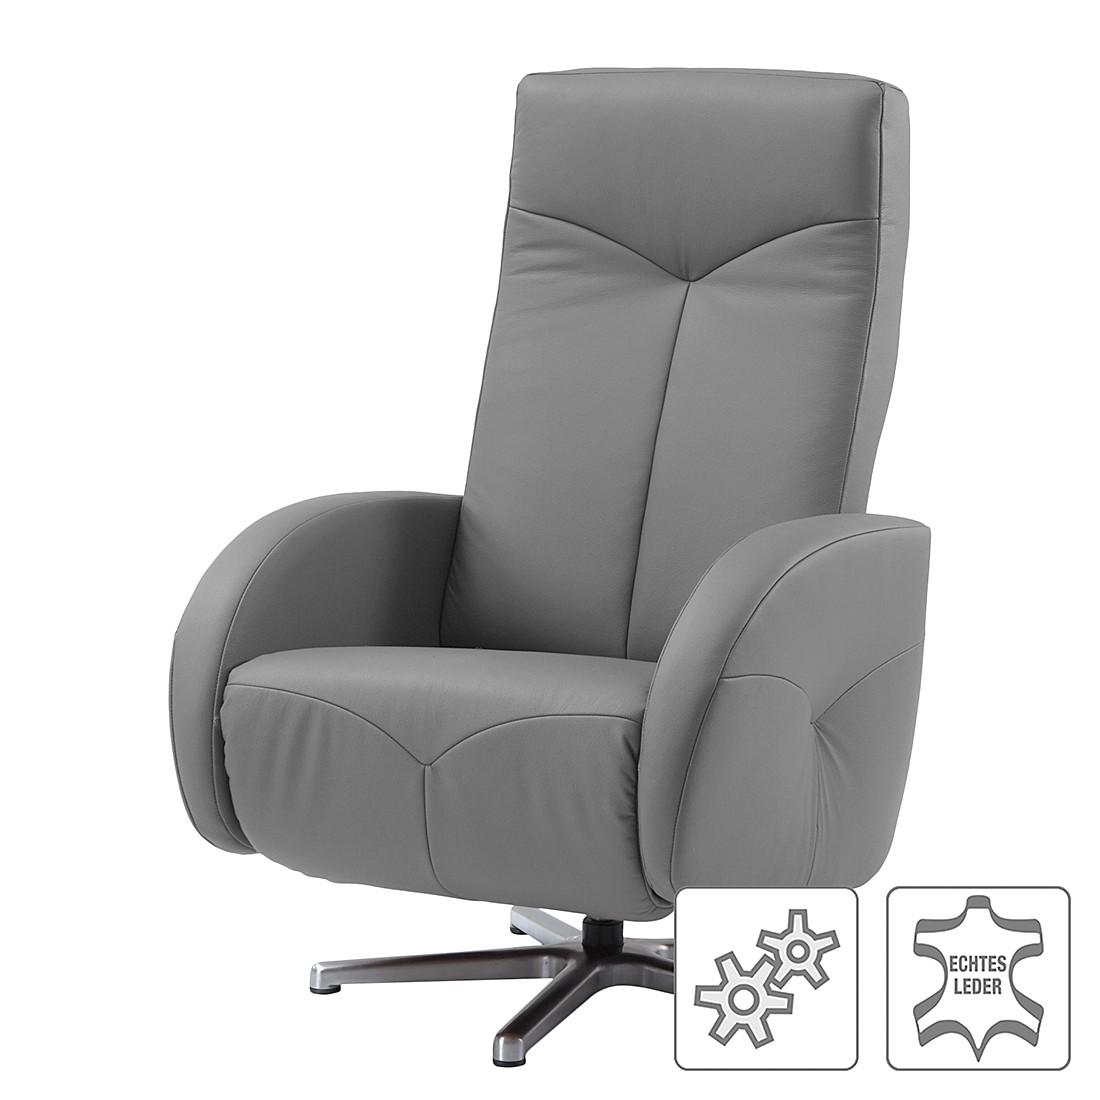 Relaxsessel Millard – Echtleder – Einmotorige Verstellung – Grau, Nuovoform günstig kaufen